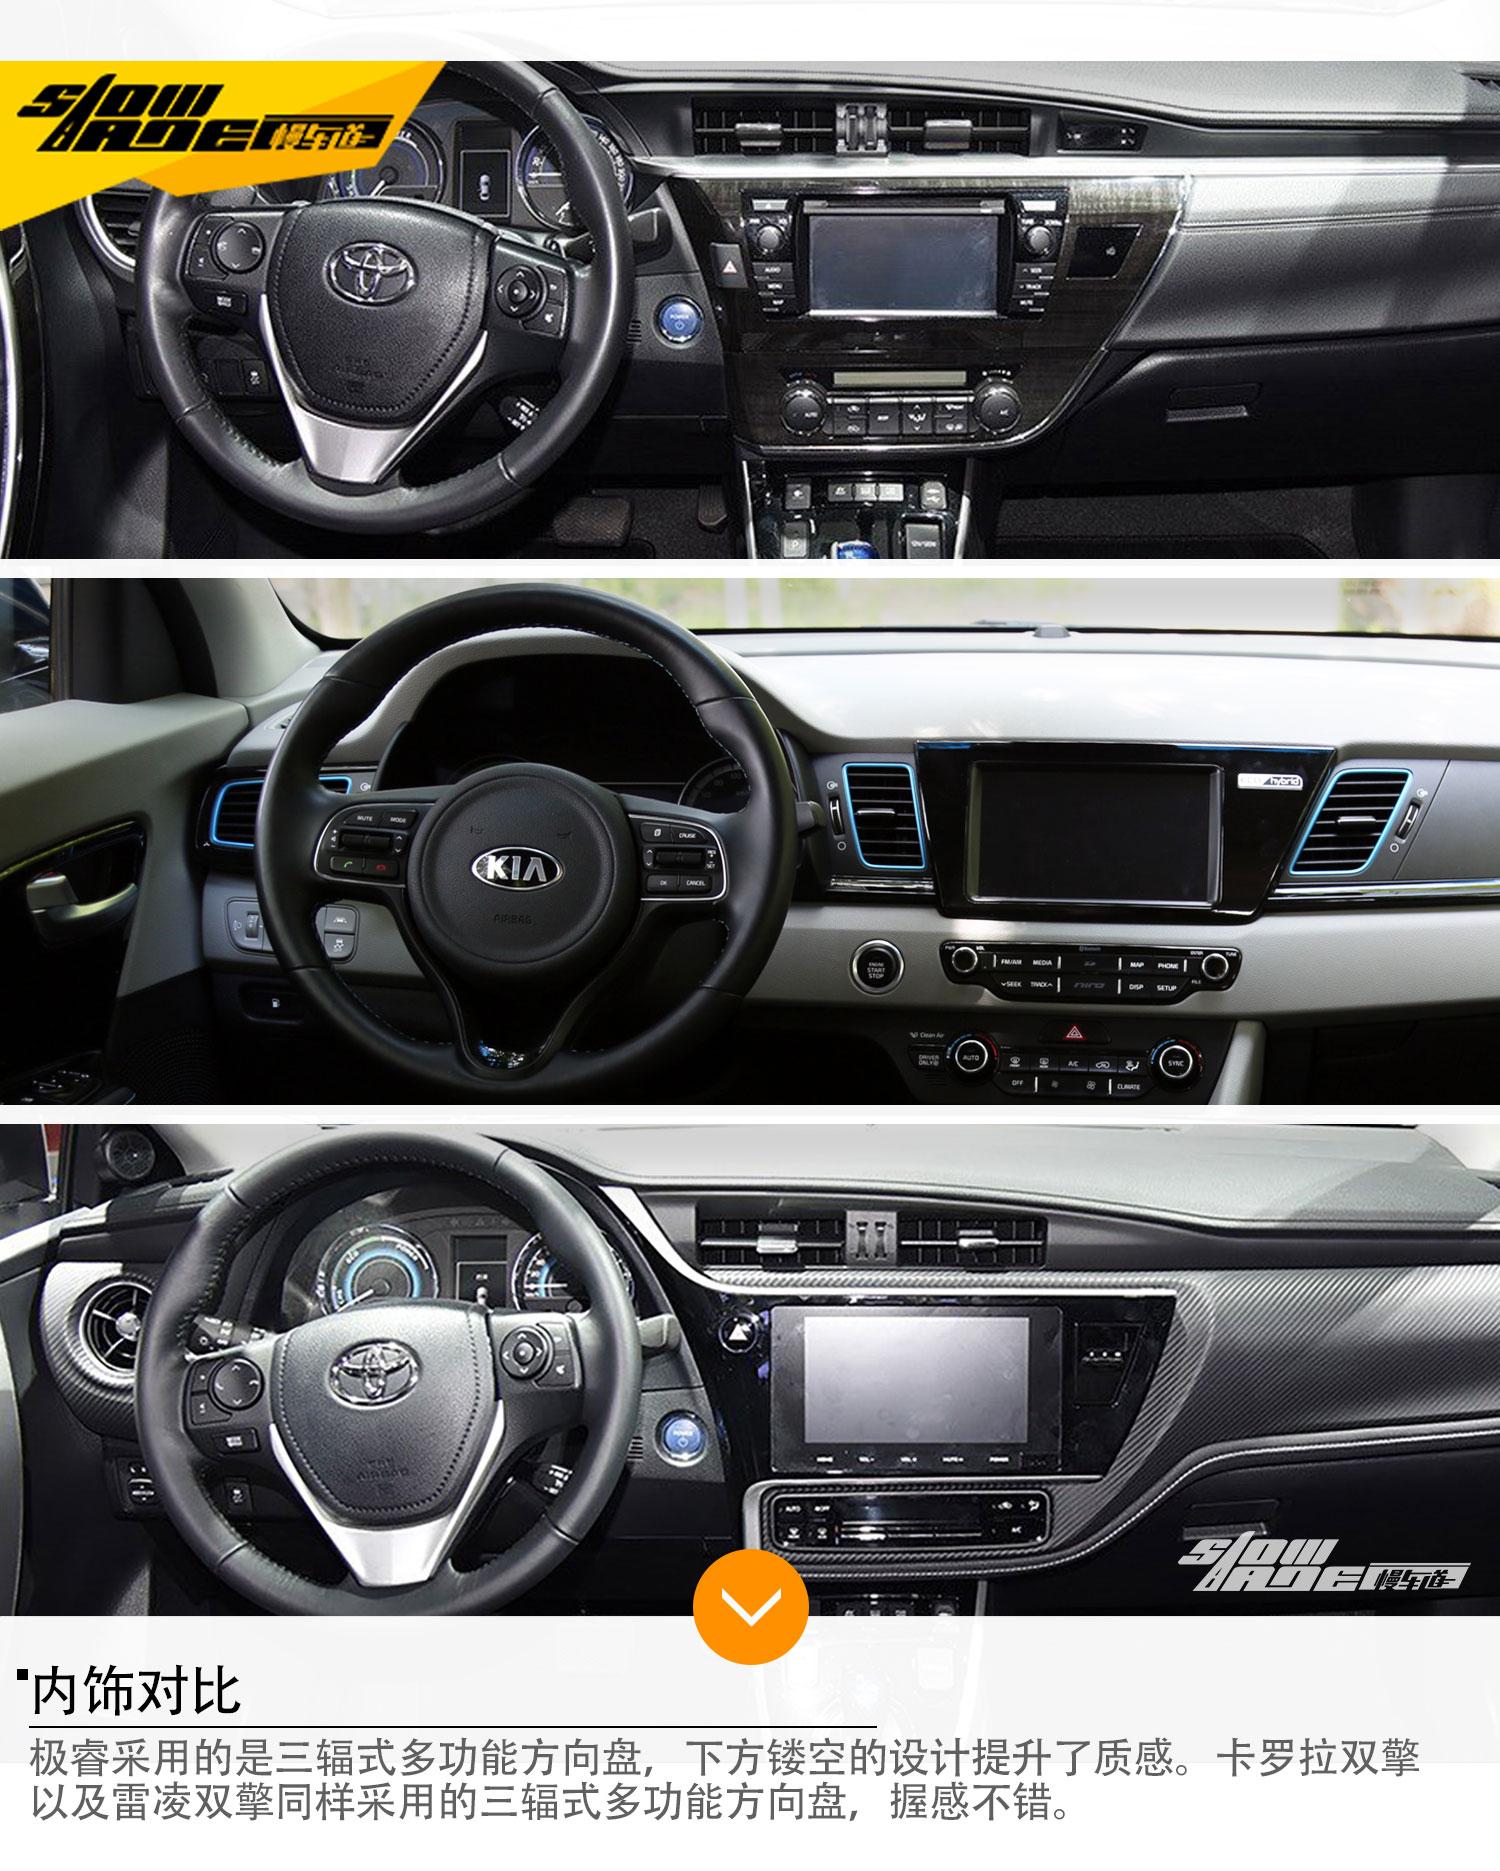 极睿比拟丰田双擎 三款混合动力车型推荐